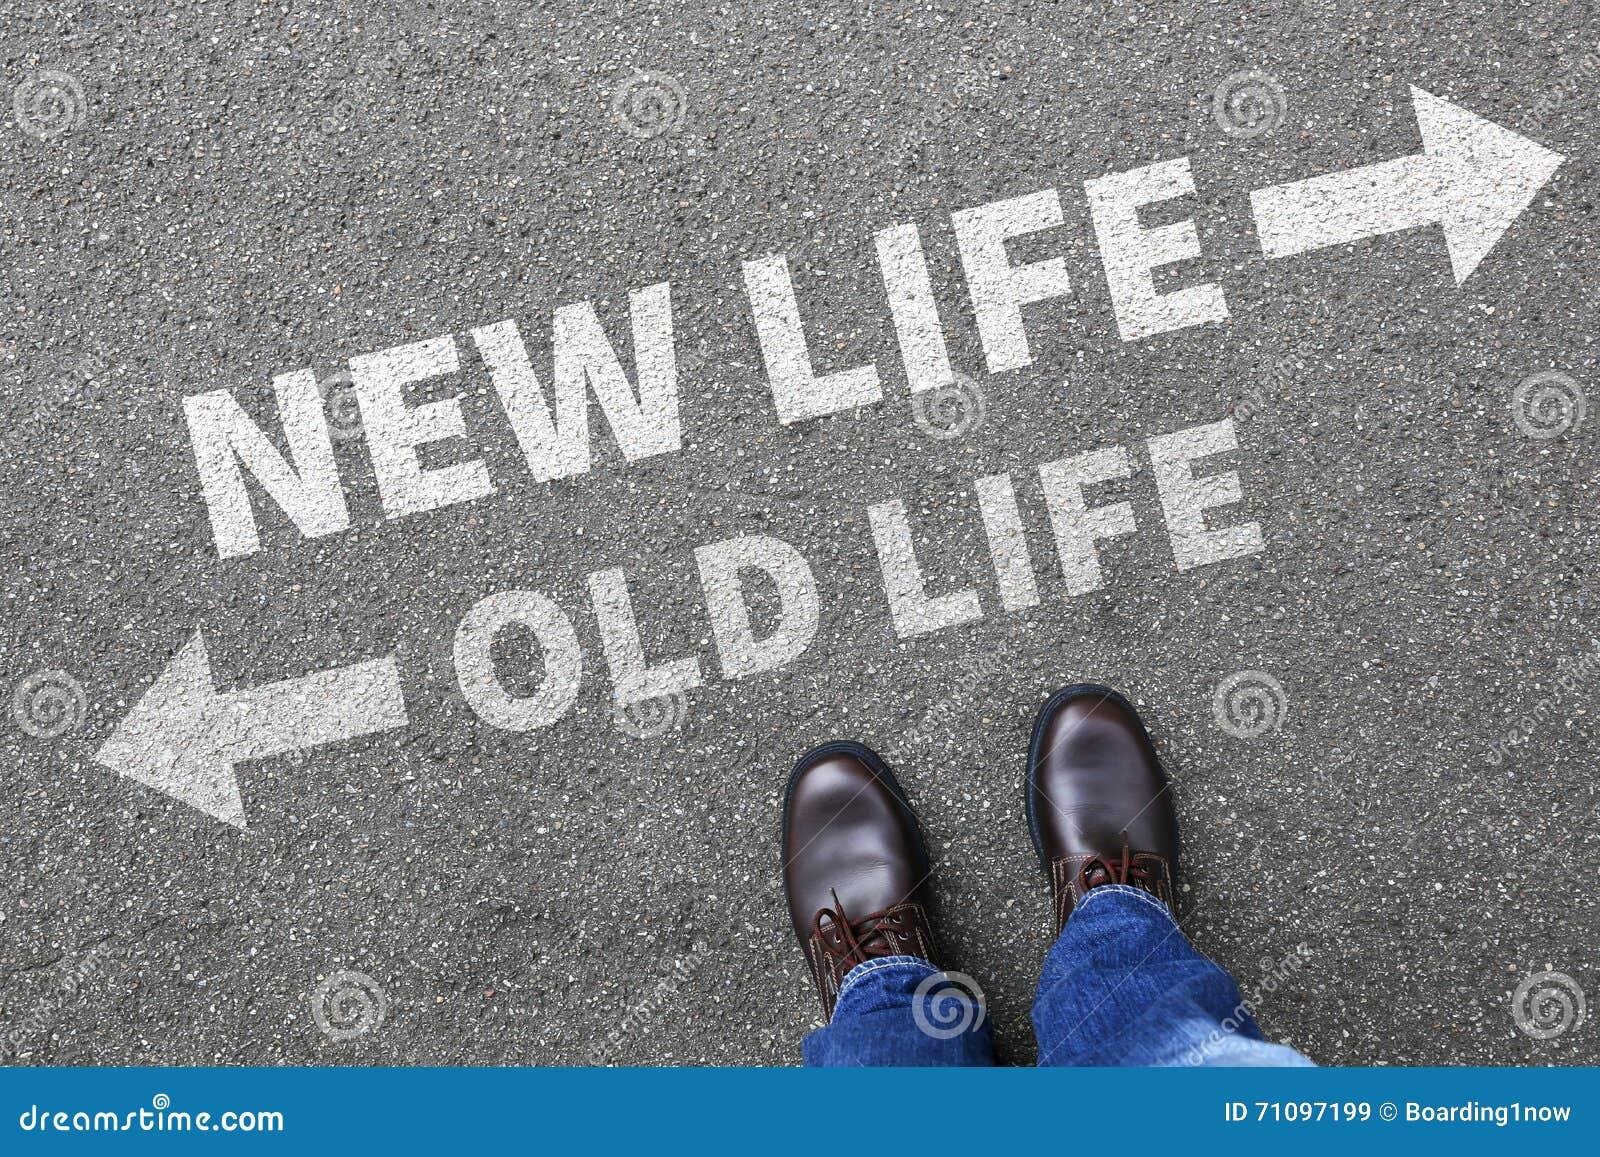 Старое новое будущее жизни за изменением решения успеха целей